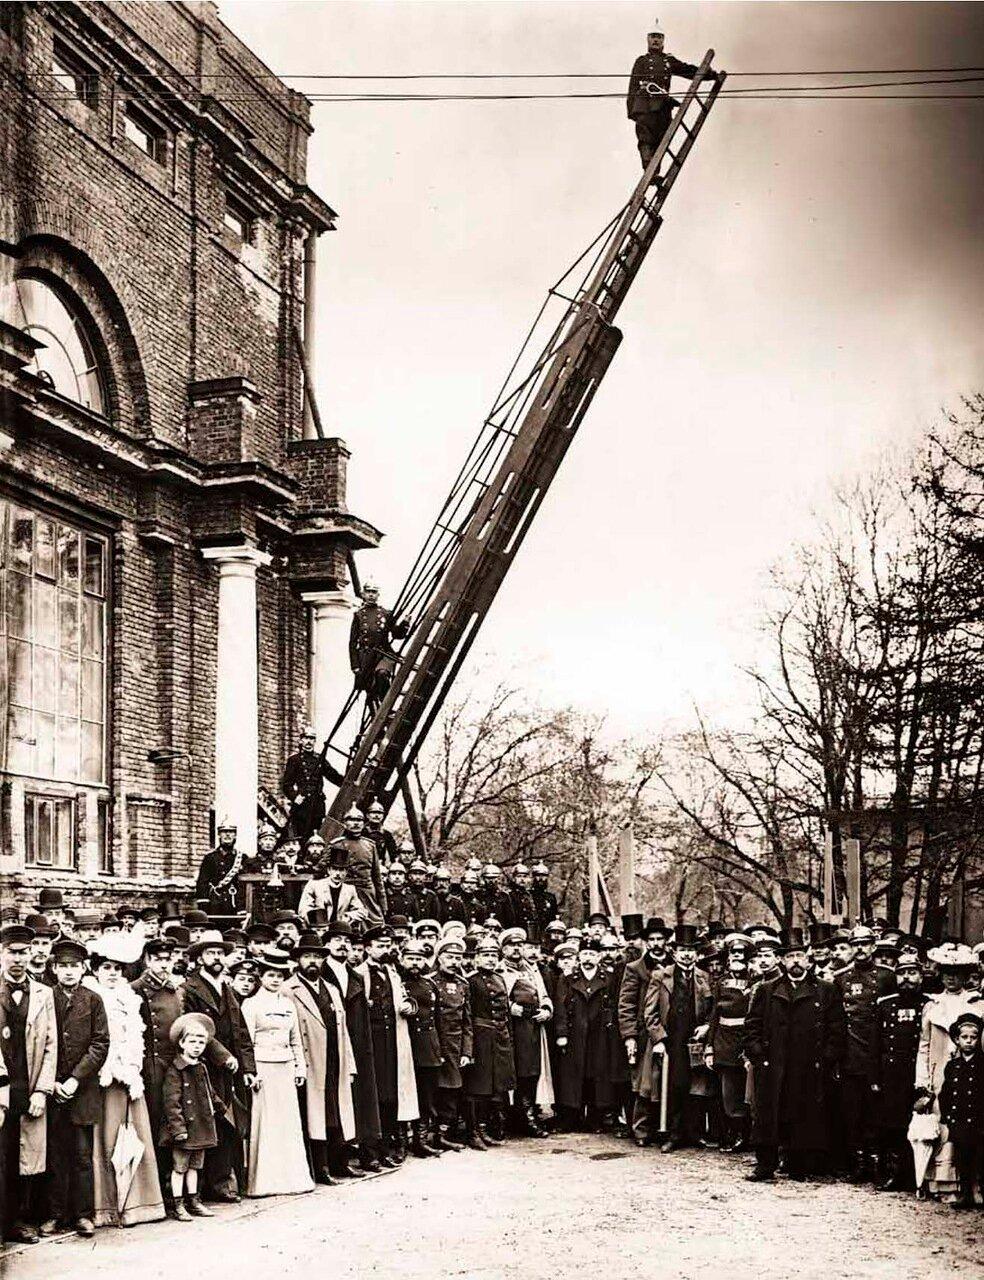 1903. Группа членов Санкт-Петербургского Пригородного Пожарного Общества в день празднования 5-ти летнего юбилея у здания Народного дома.